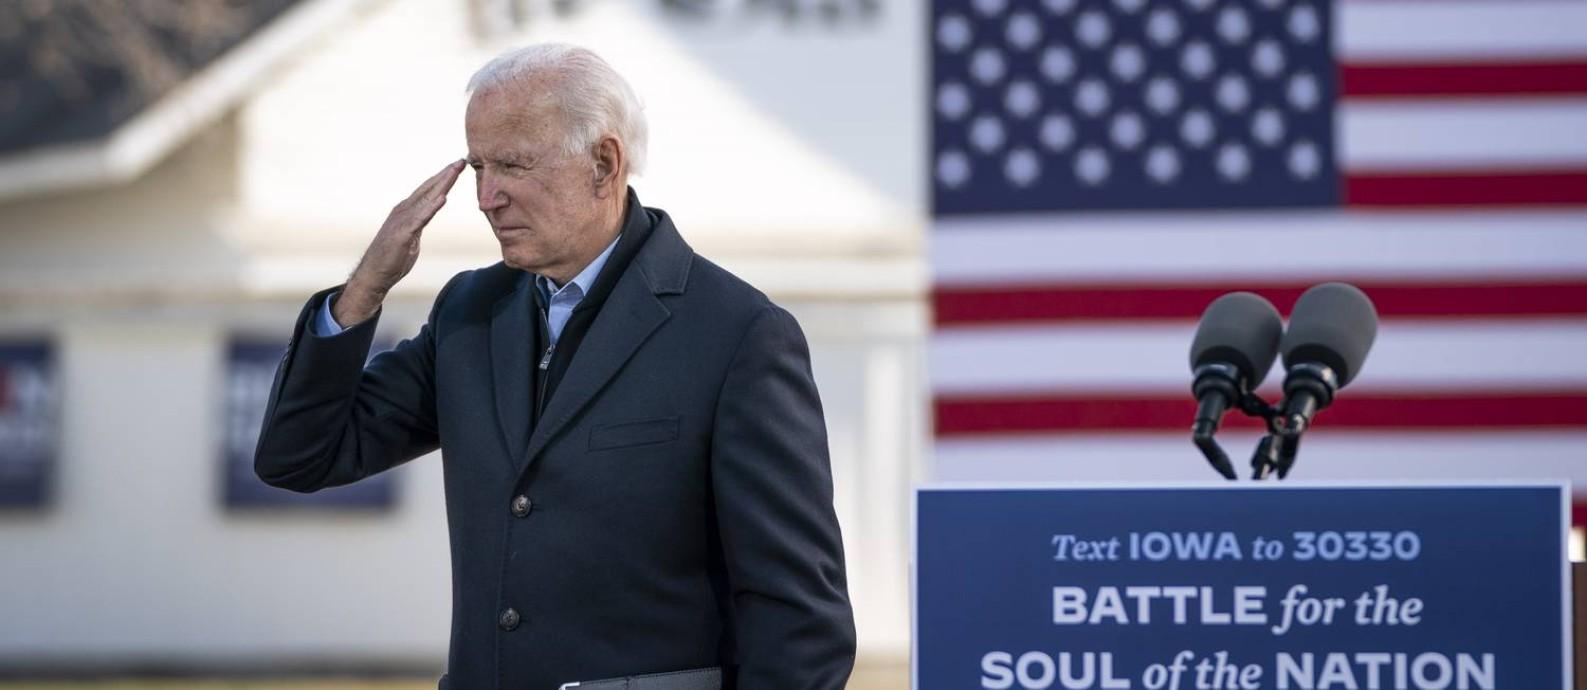 Candidato democrata à presidência dos EUA, Joe Biden, durante evento de campanha em Iowa Foto: Drew Angerer / AFP